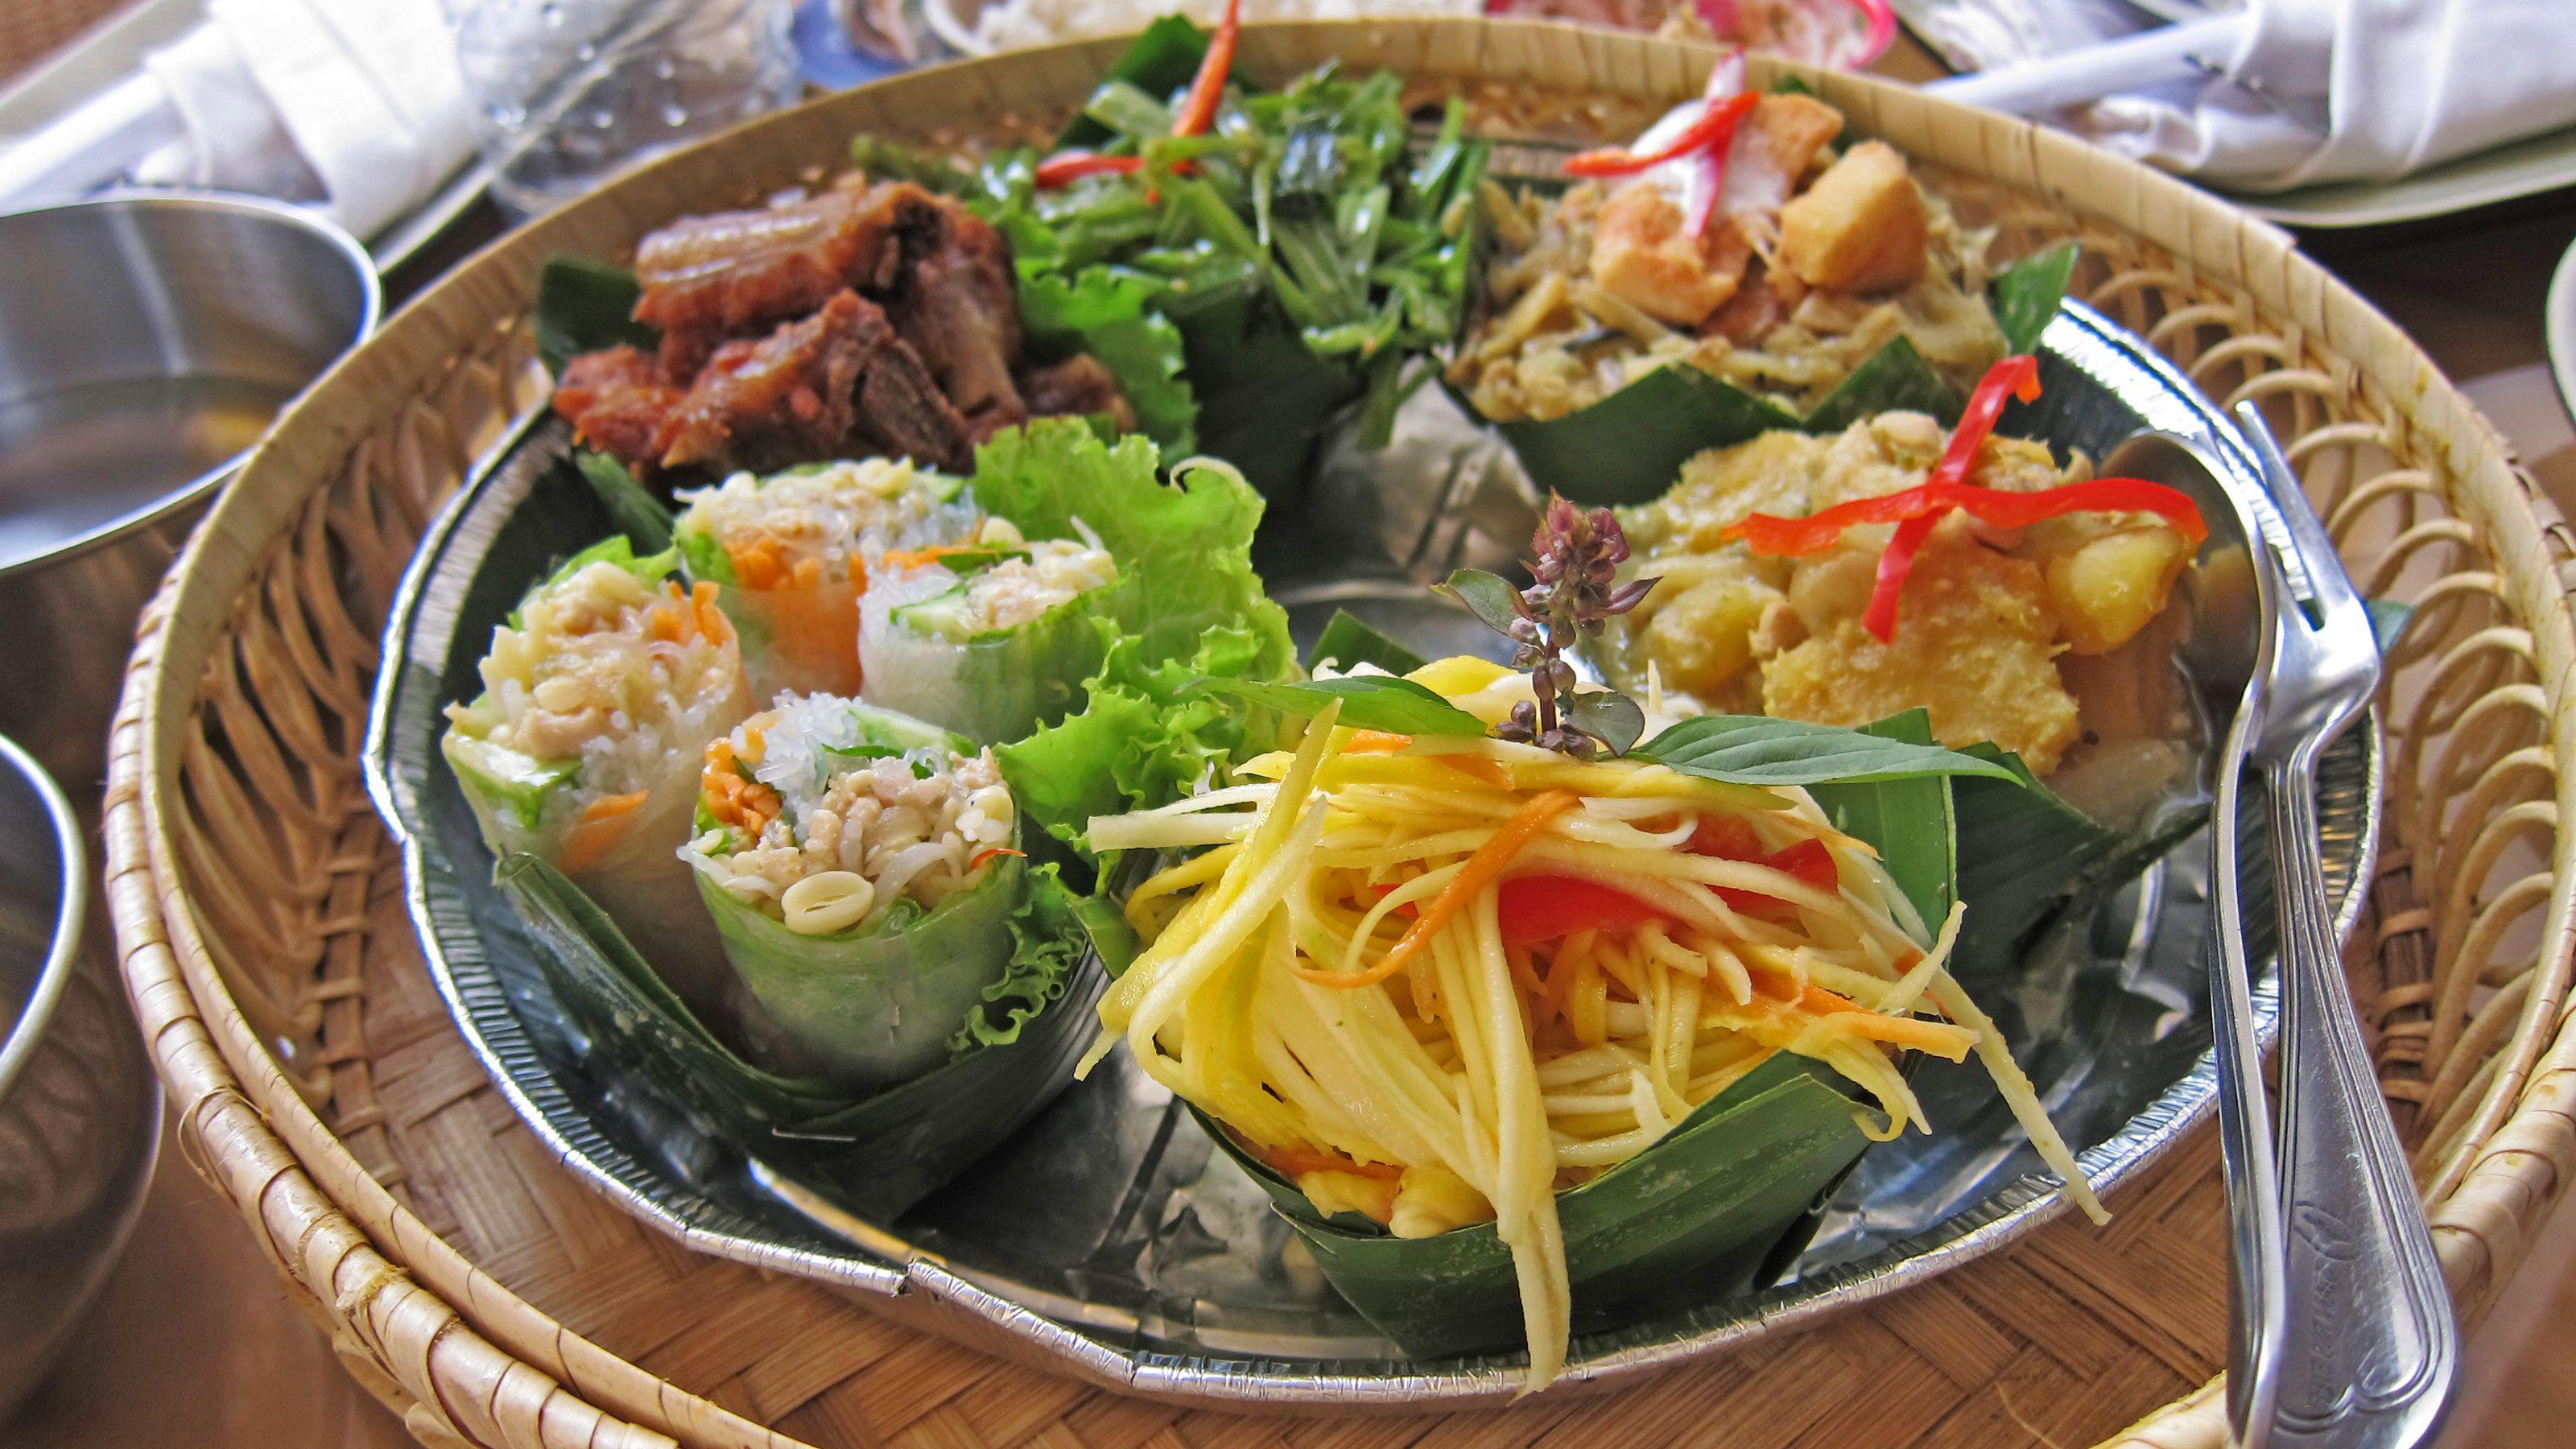 Plate of food in Siem Reap